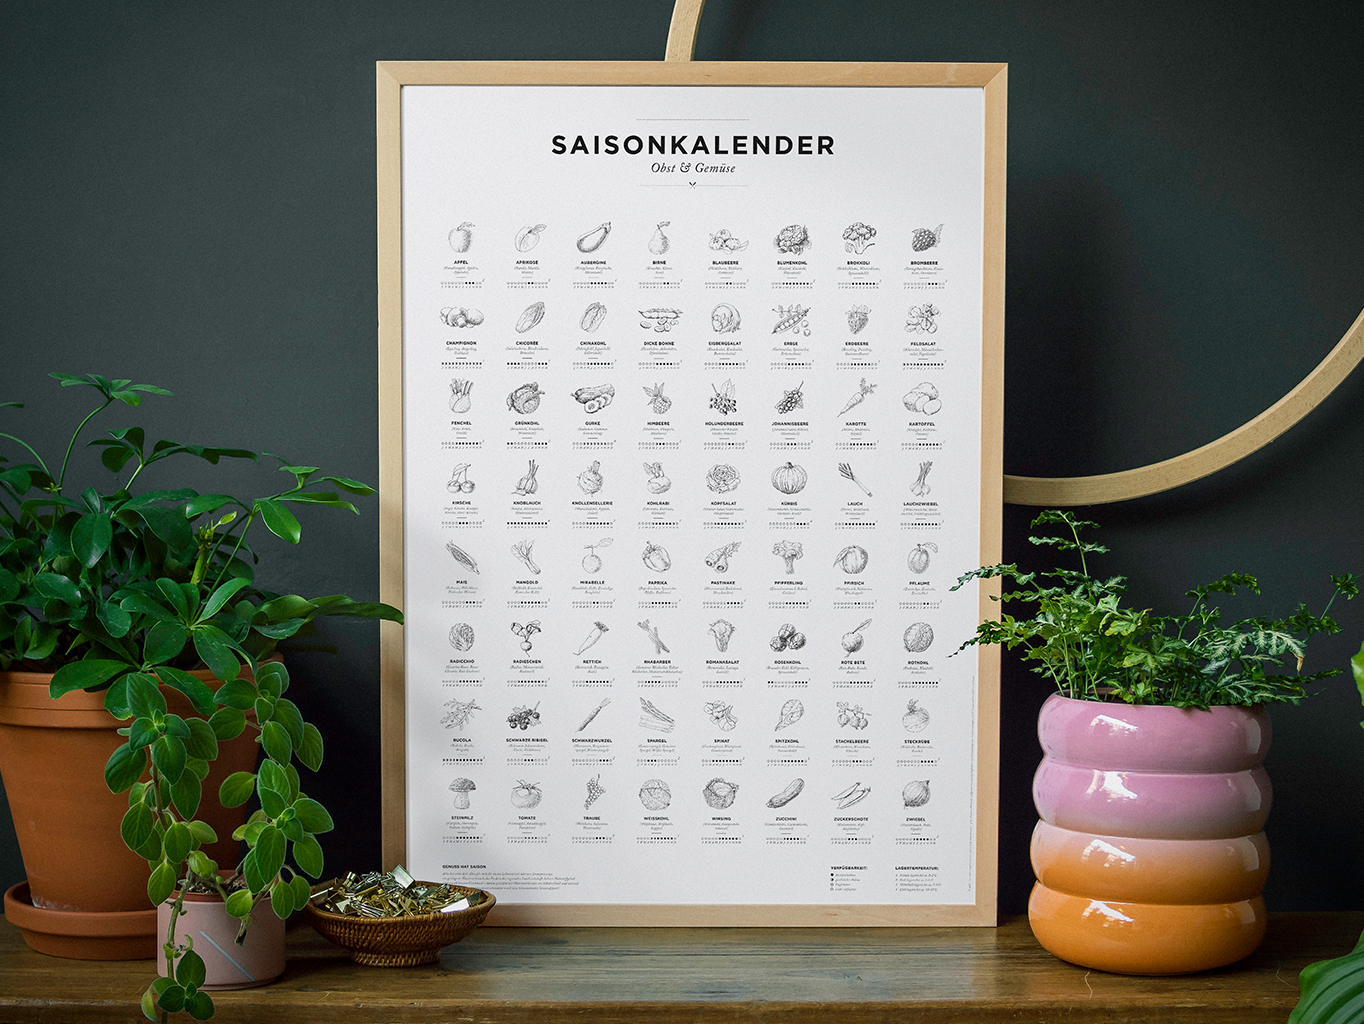 Saisonkalender für Obst & Gemüse schwarz-weiß